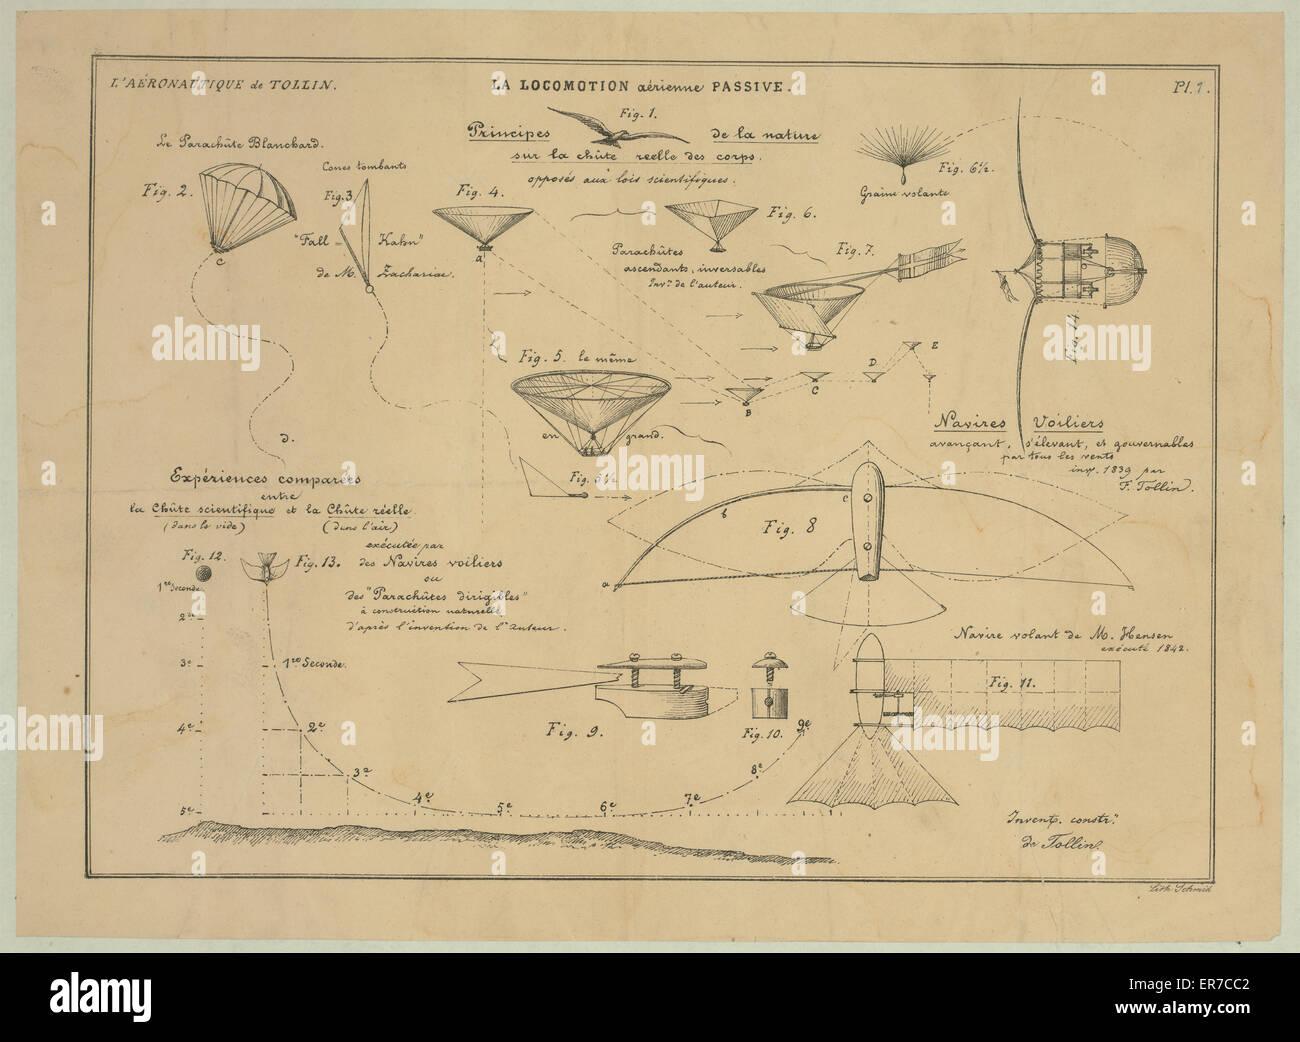 La locomotion aerienne passif. Principes de la nature sur la chute des corps reelle, s'opposent aux lois scientifiques Photo Stock